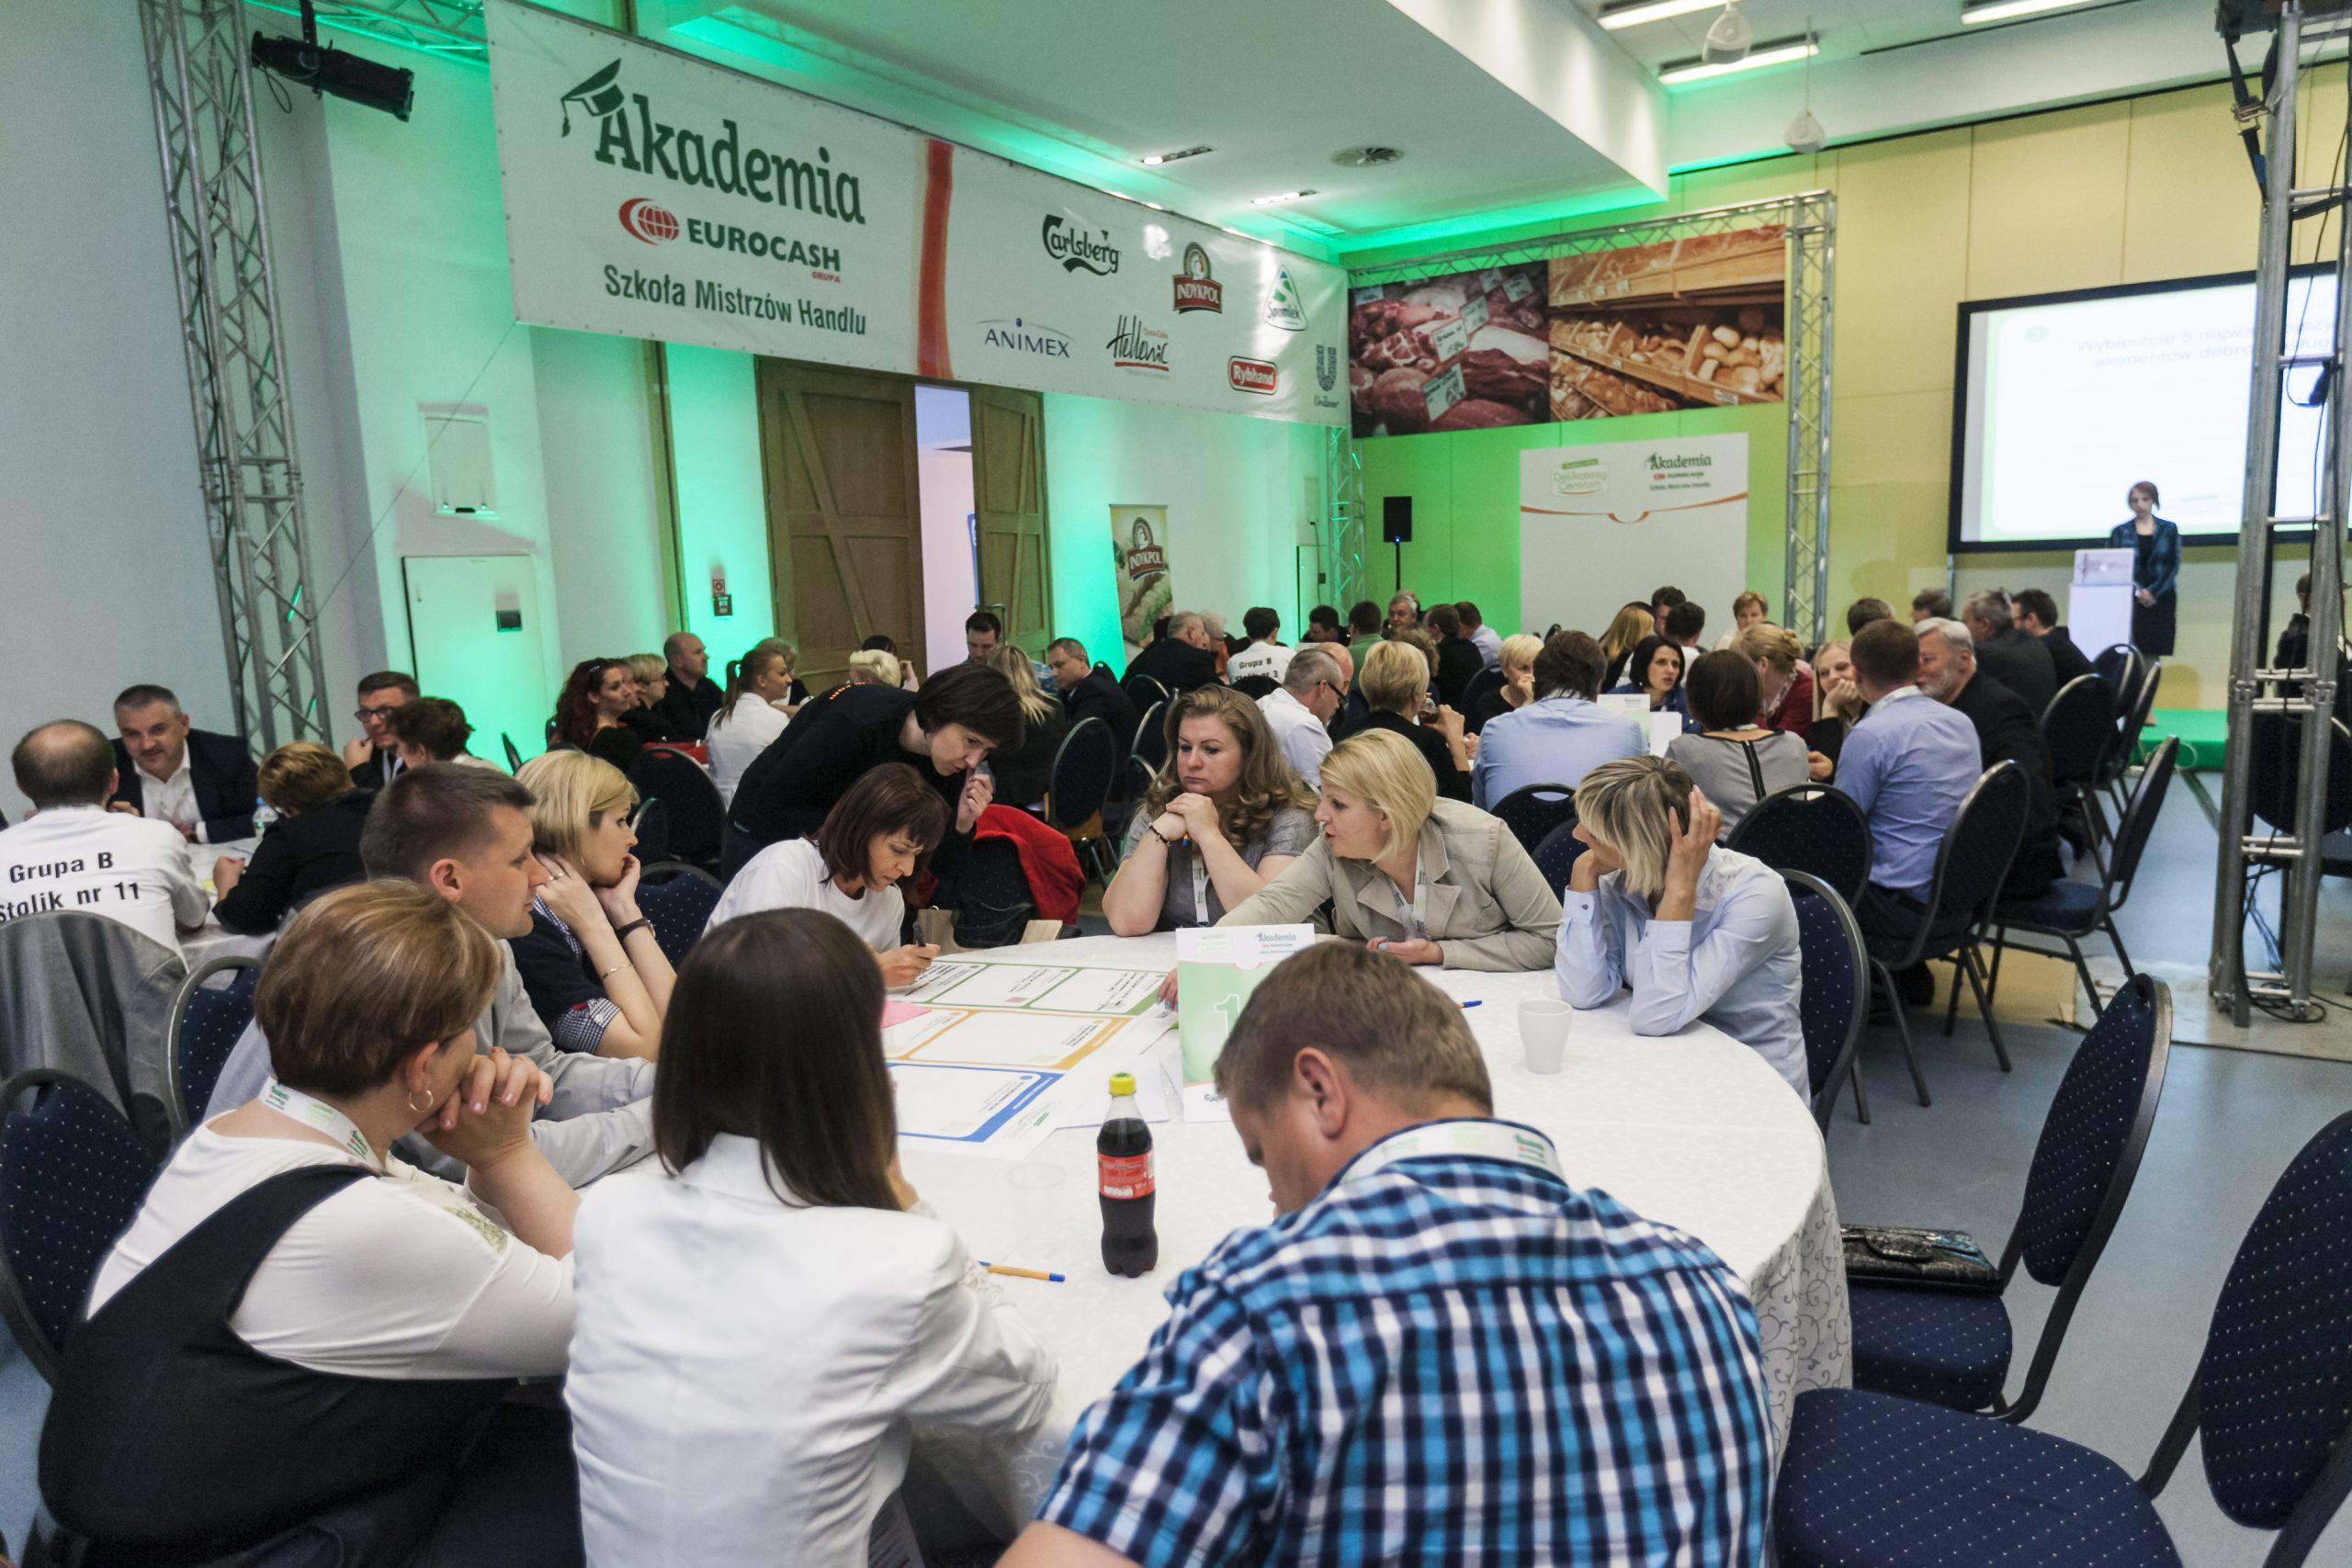 Akademia Eurocash – lider szkoleń na rynku handlu detalicznego